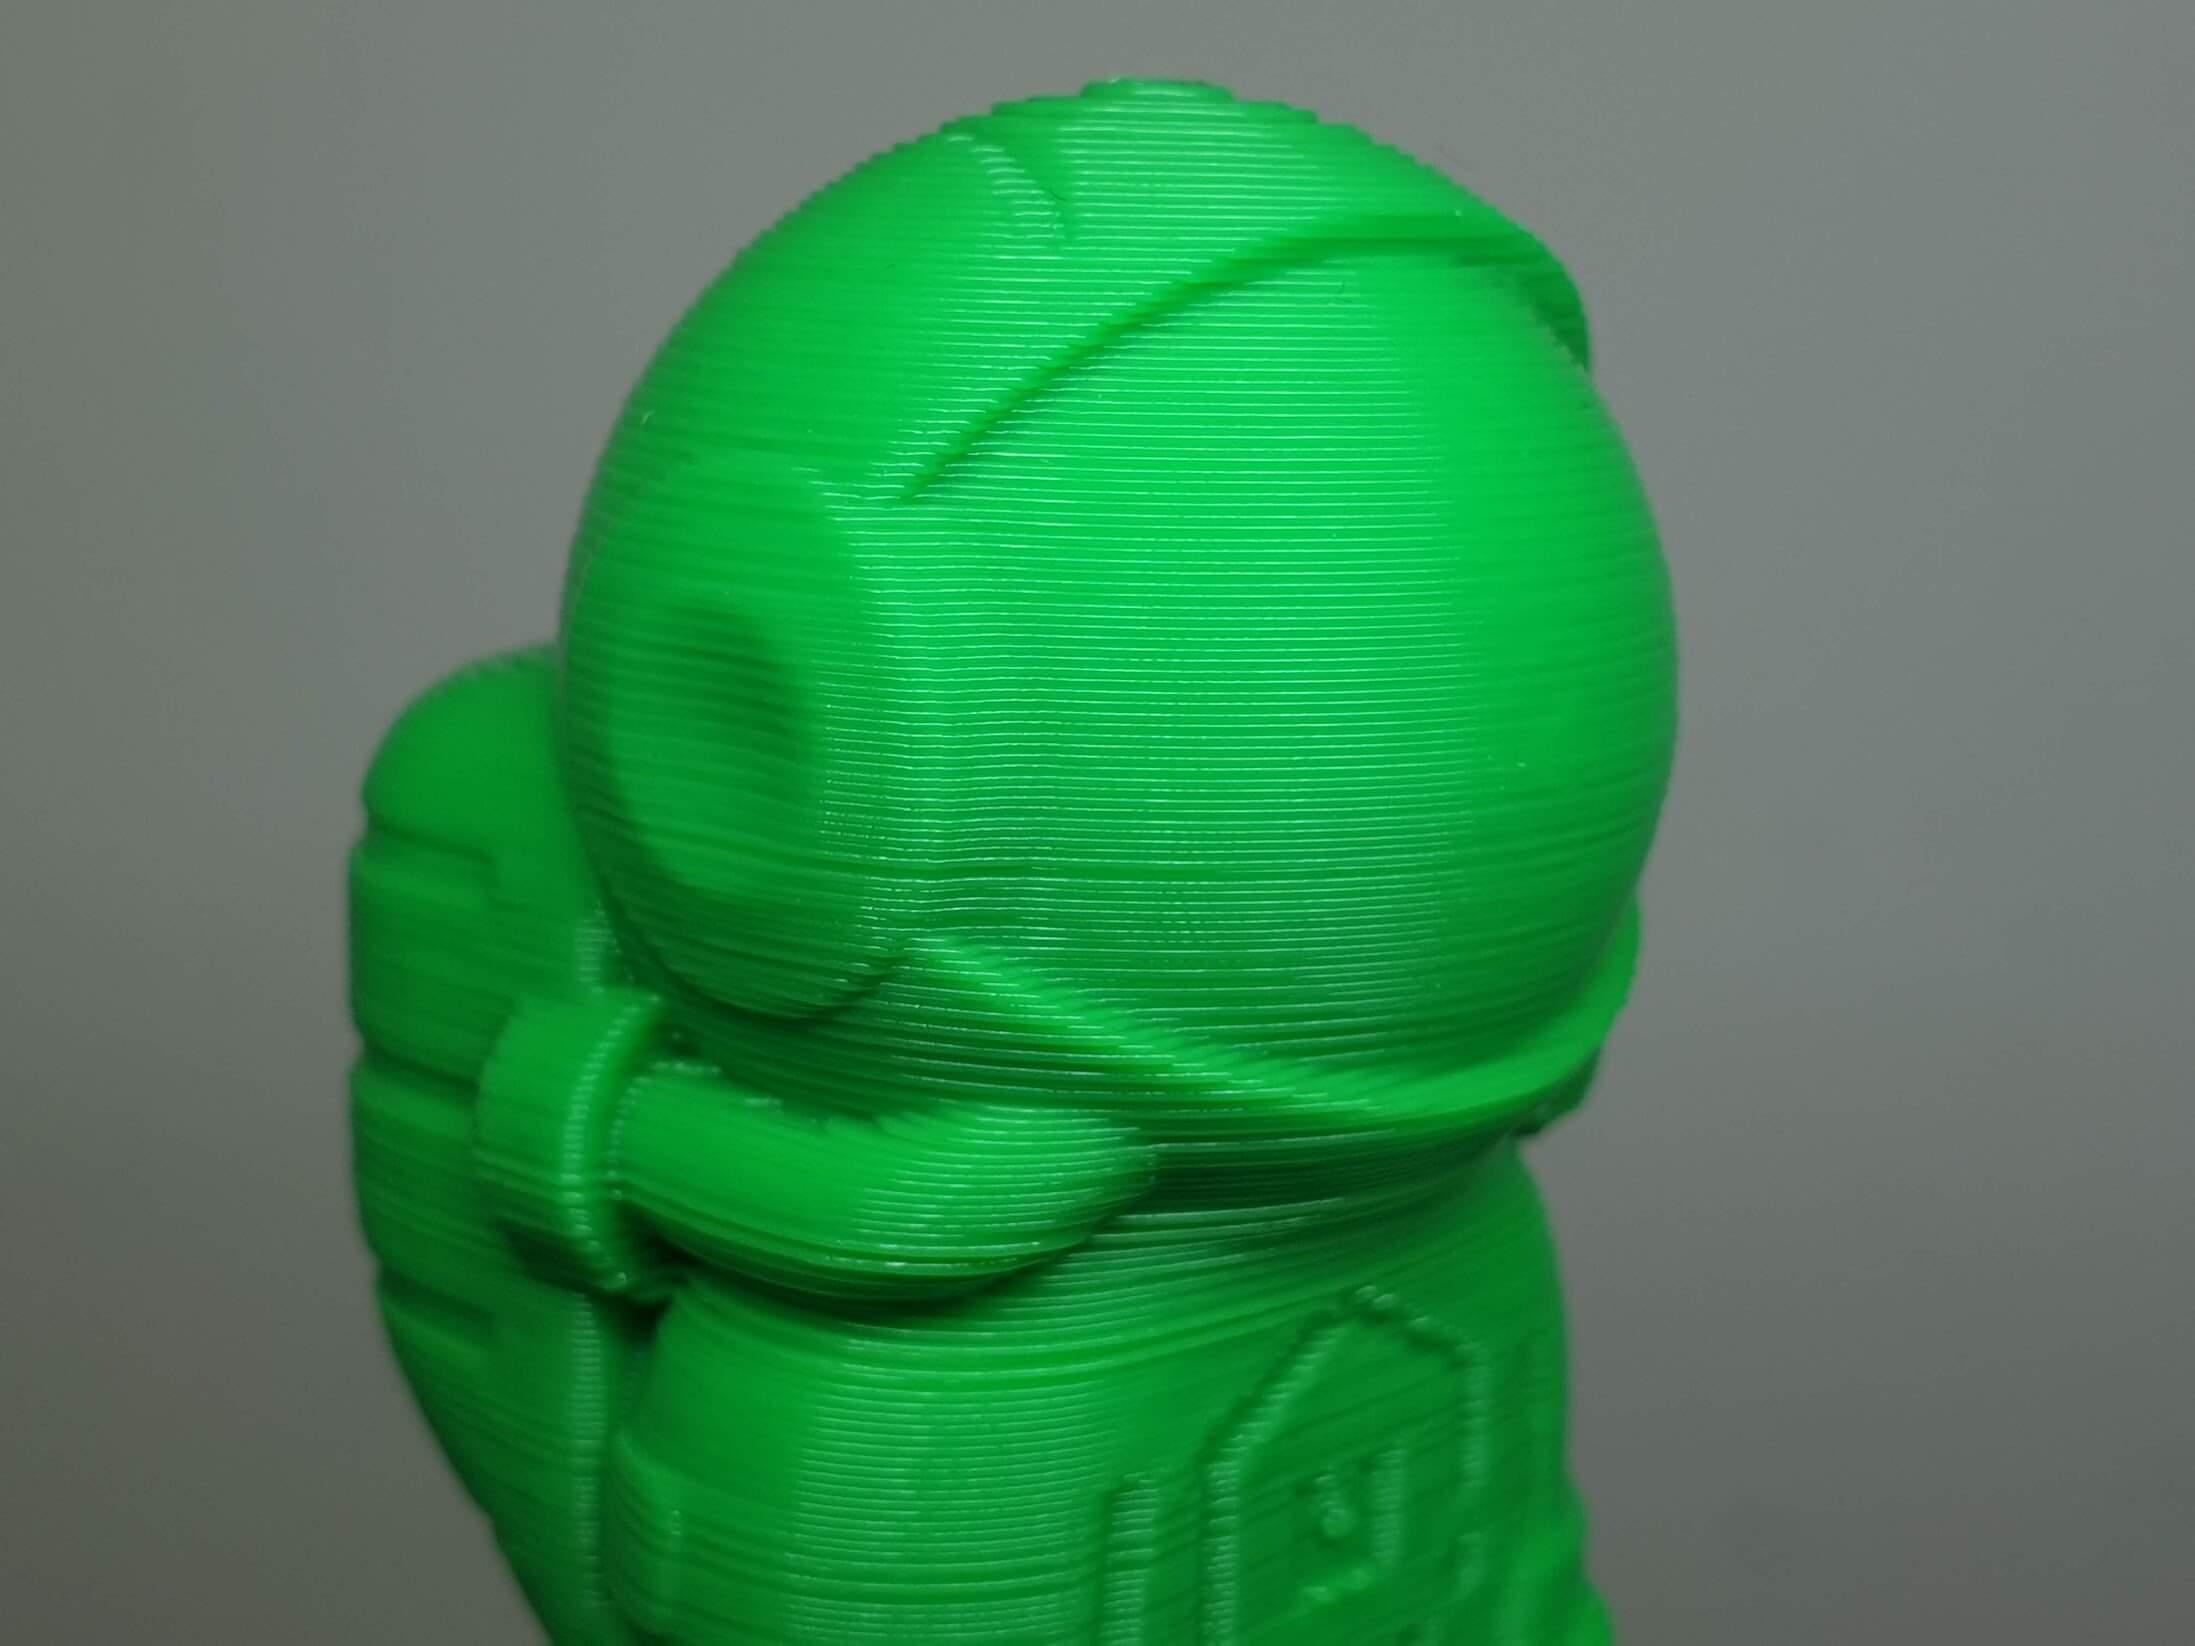 Phil A Ment on Longer Cube2 Mini 1 | Cube2 Mini Review - 3D Printer for Kids